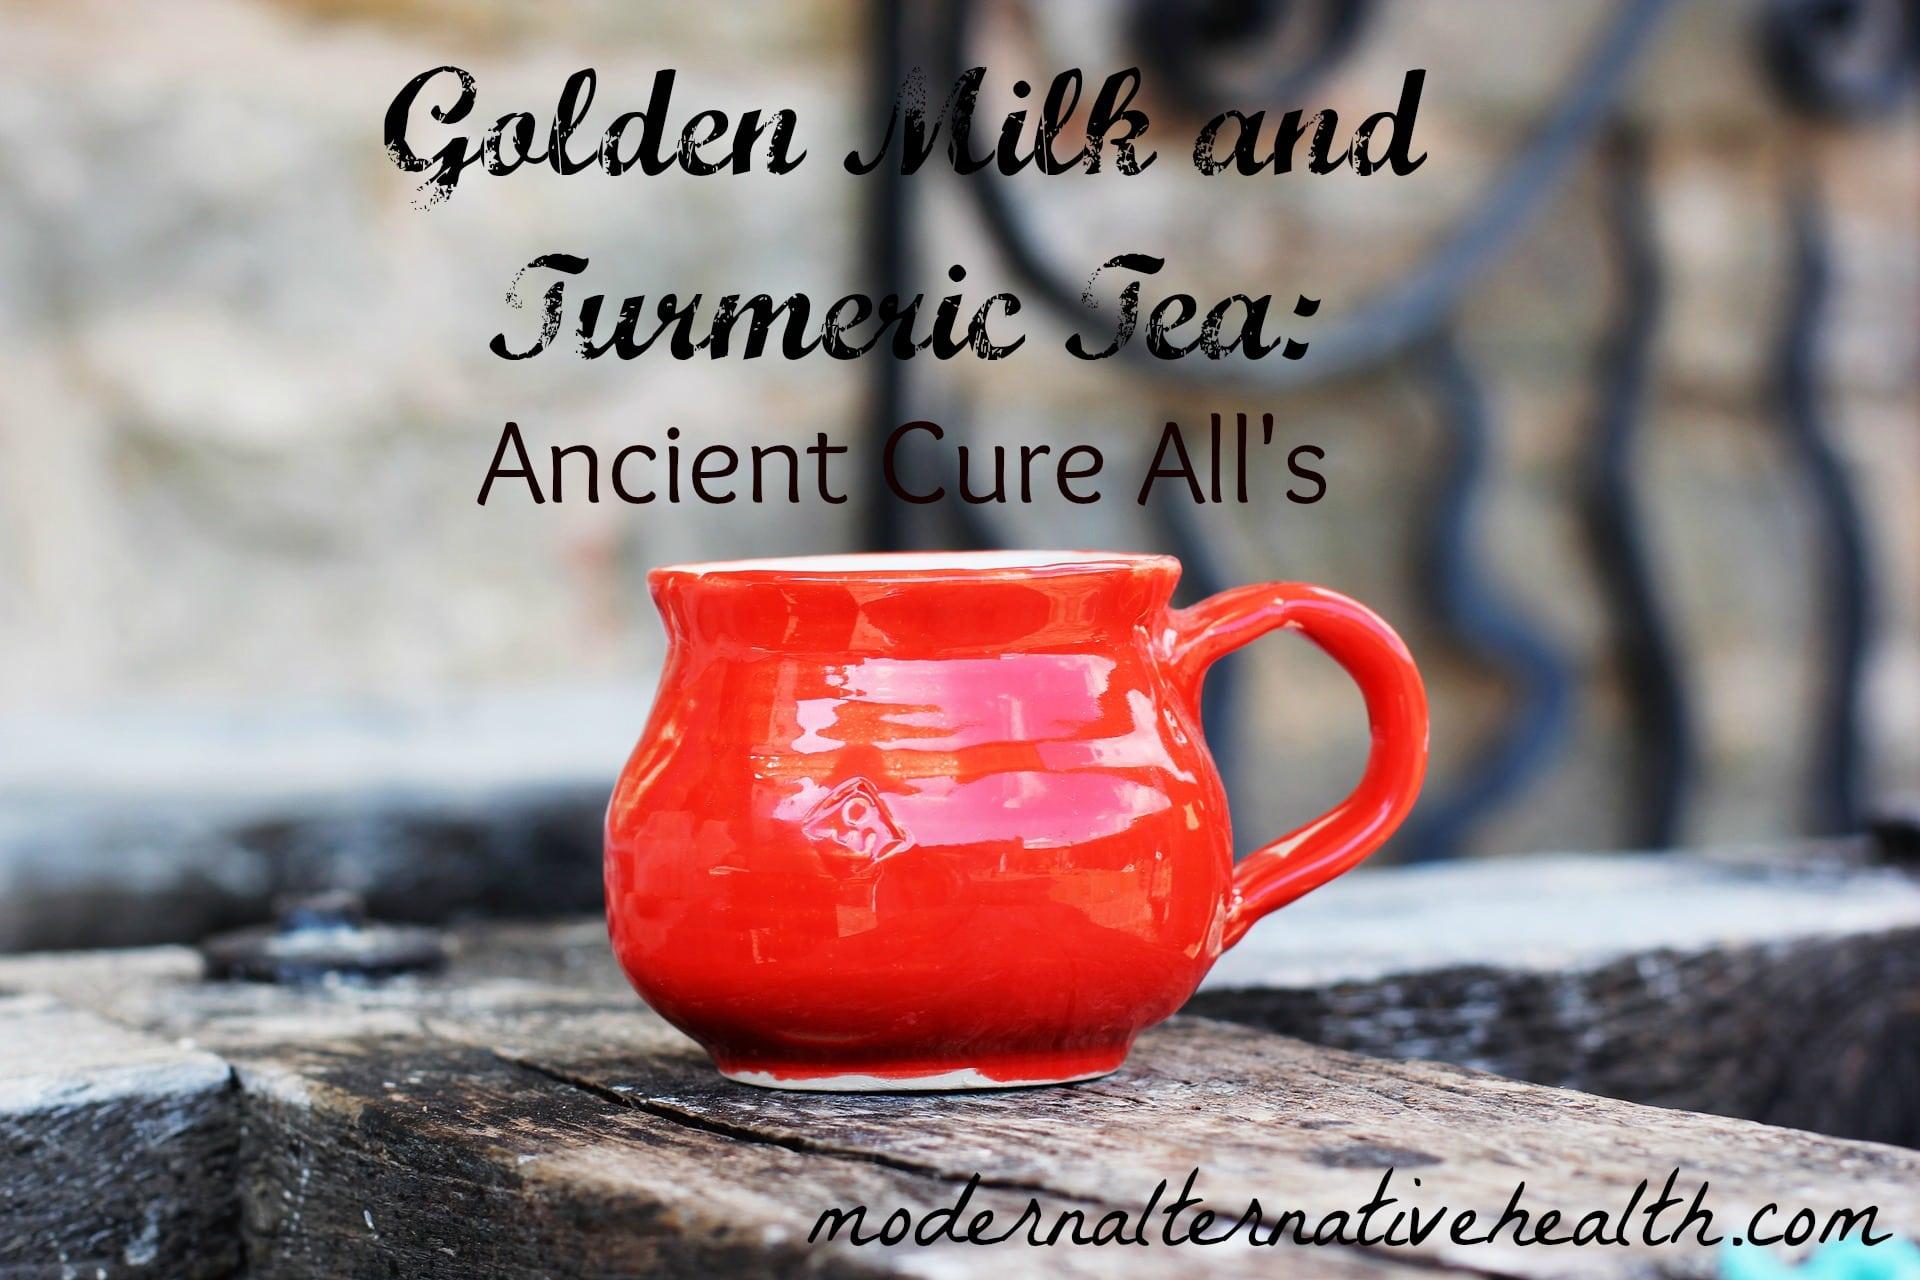 Golden Milk and Turmeric Tea: Ancient Cure-Alls